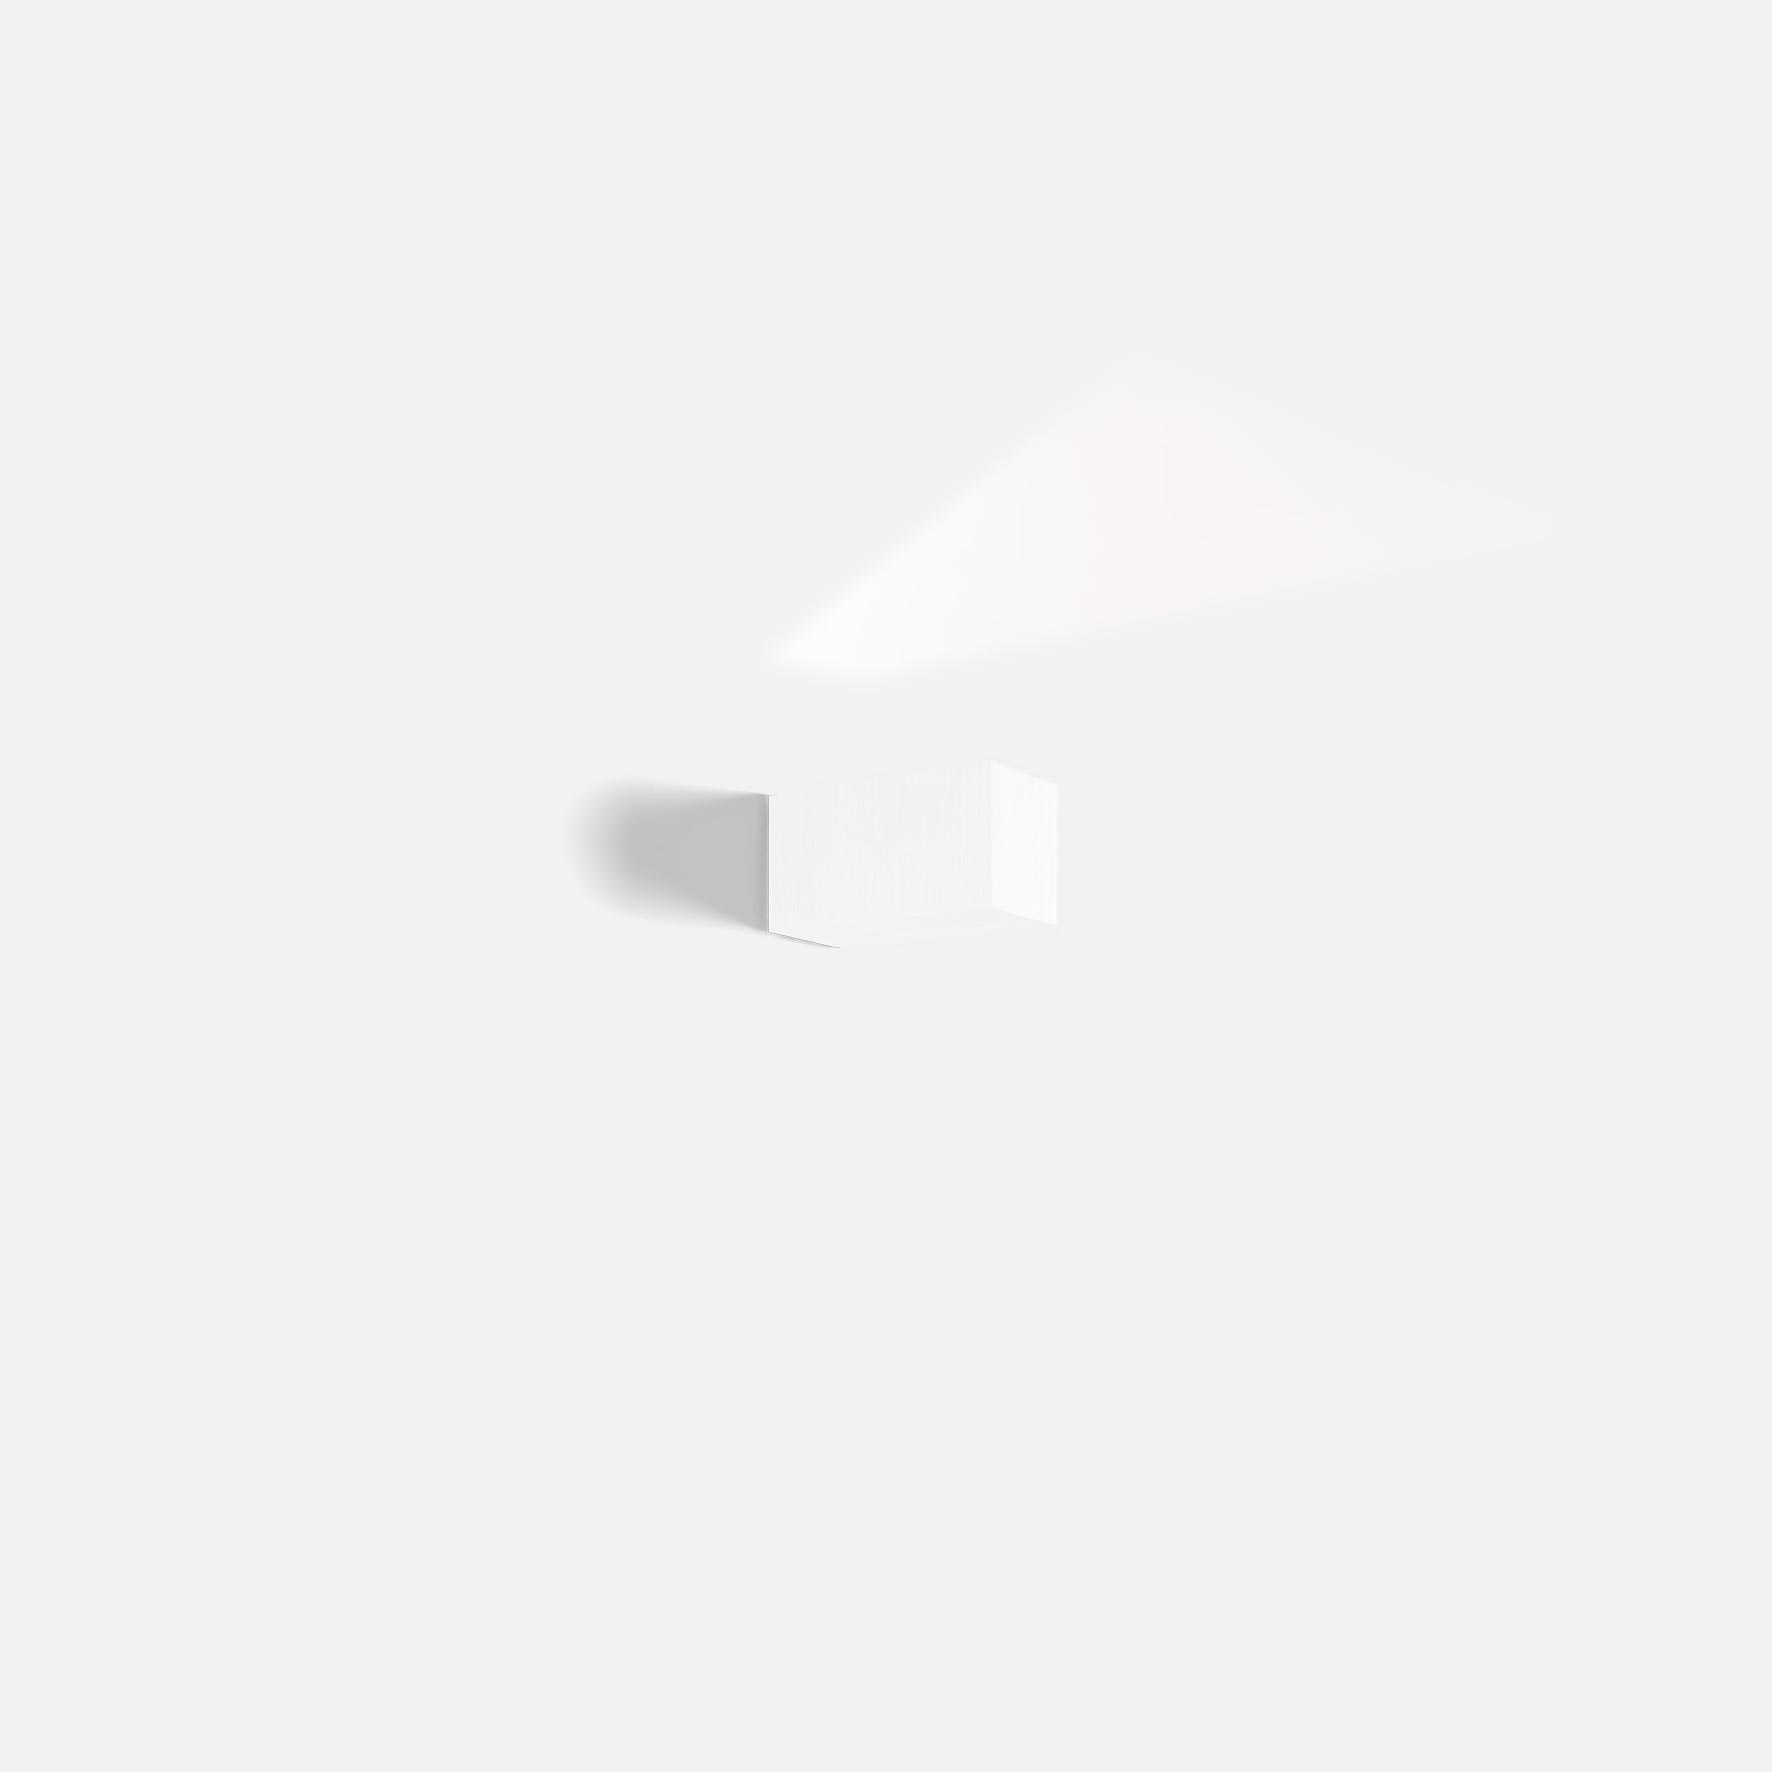 Metro 1.0 white texture